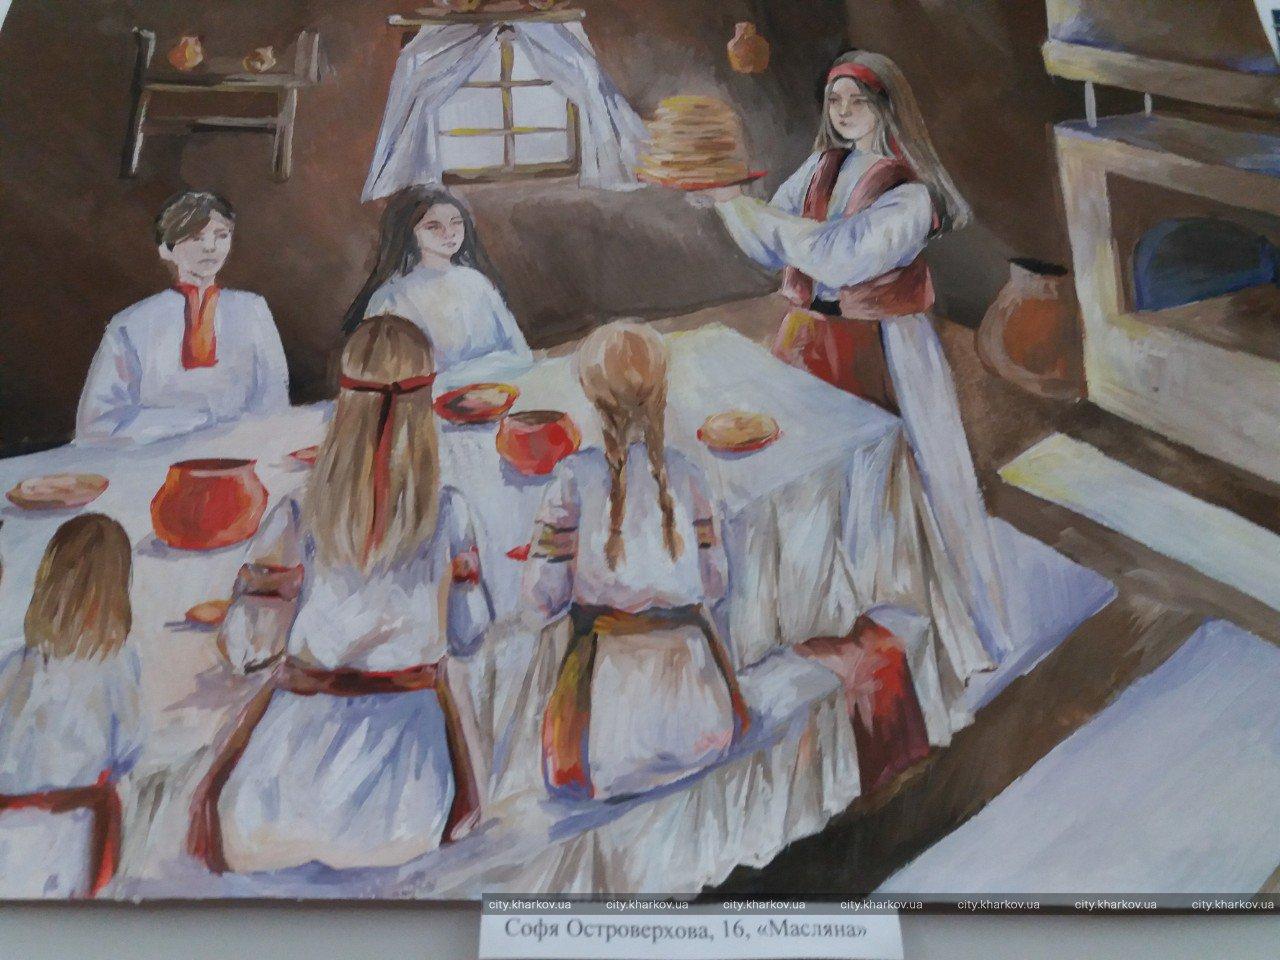 У Художньому музеї виставка новорічних дитячих малюнків